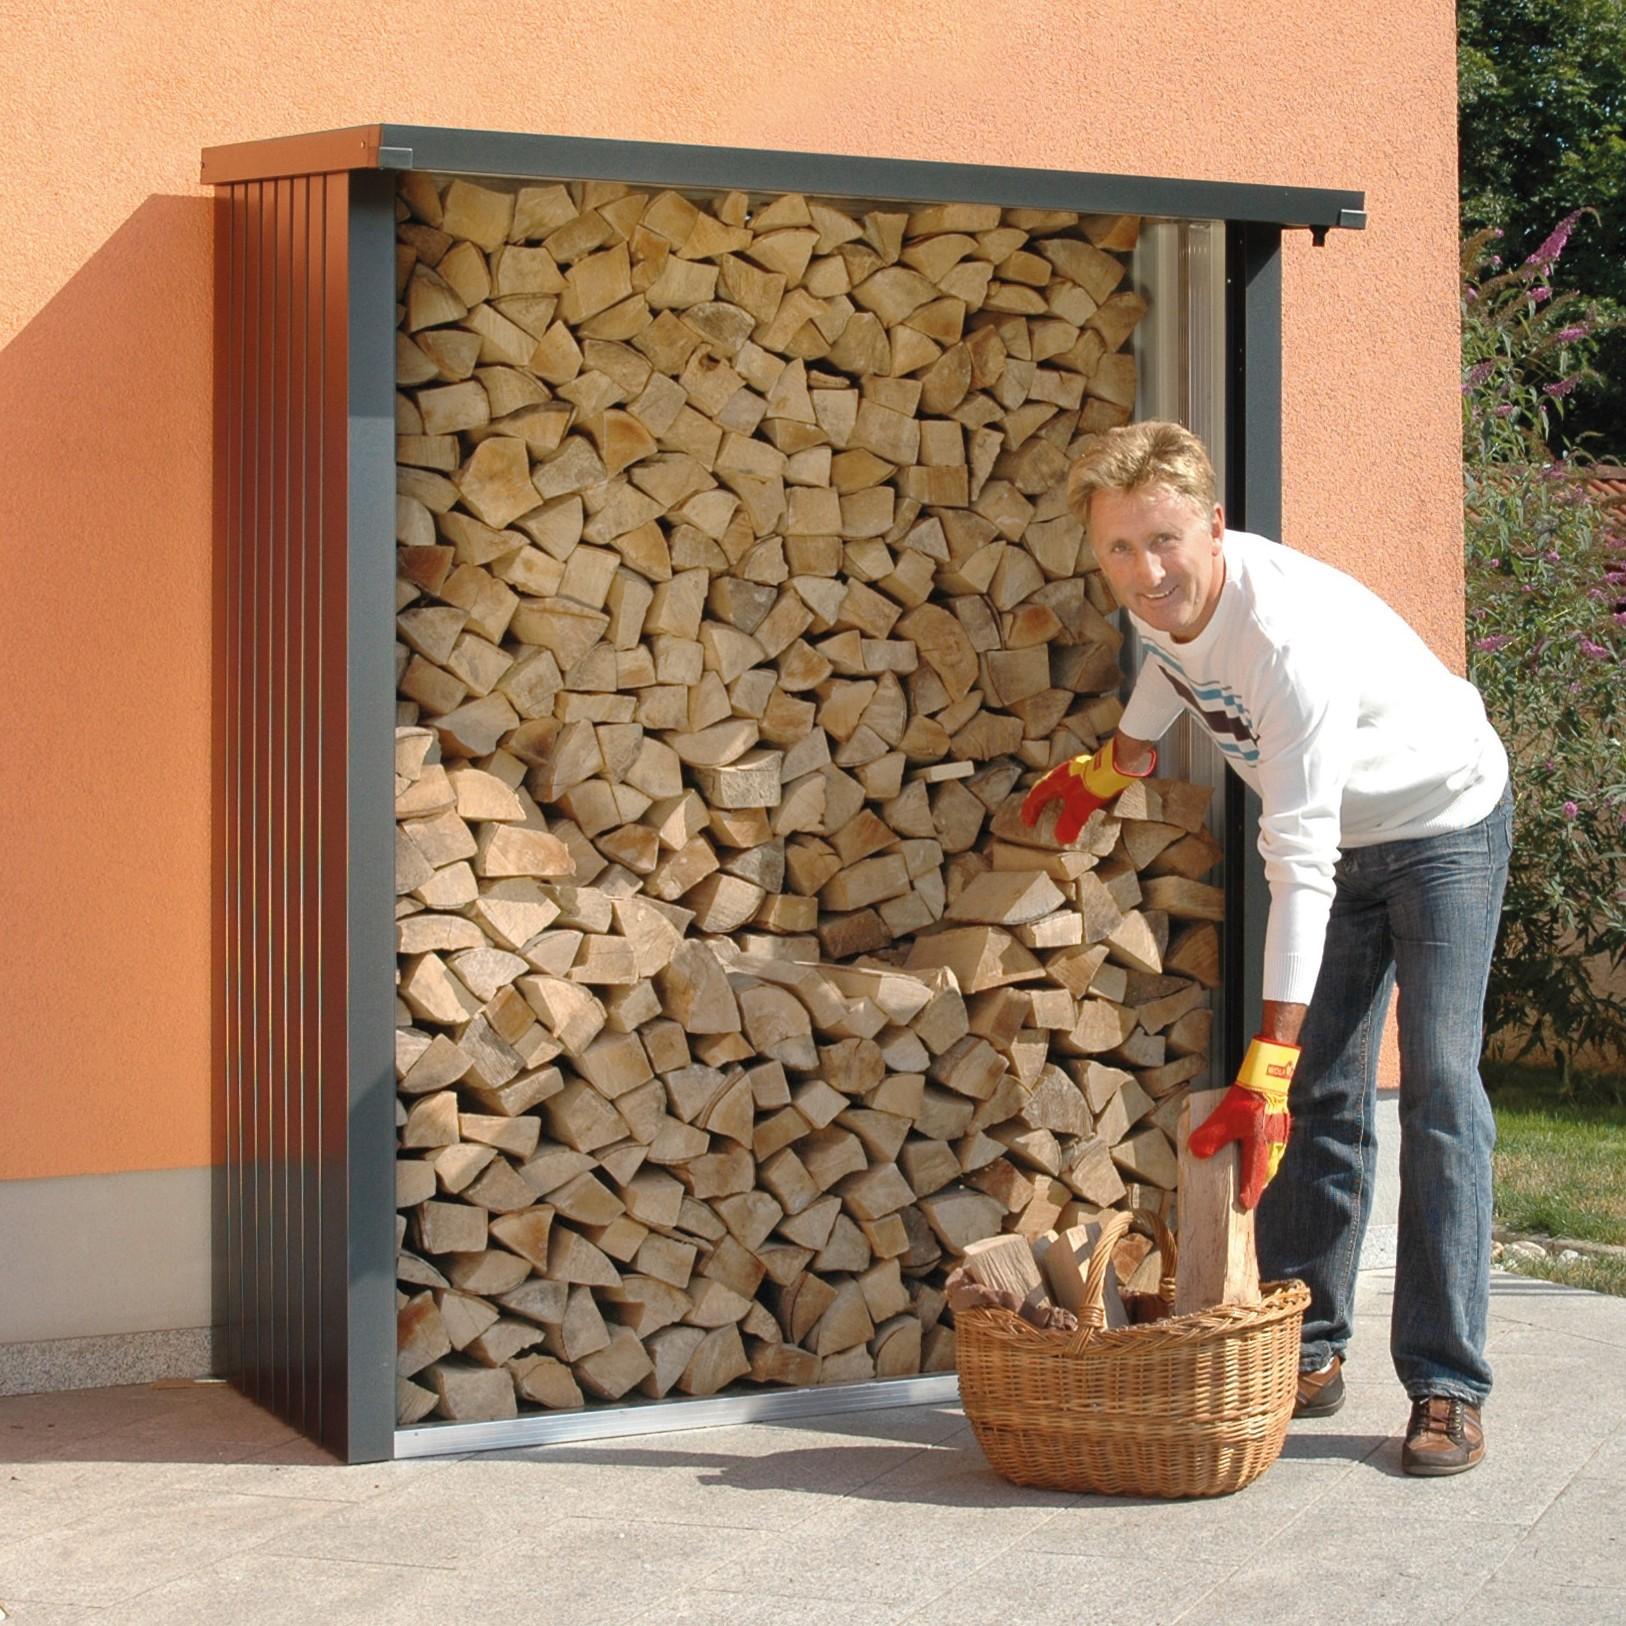 Kaminholzregal außen  Biohort WoodStock® - das schöne Kaminholzregal aus Metall